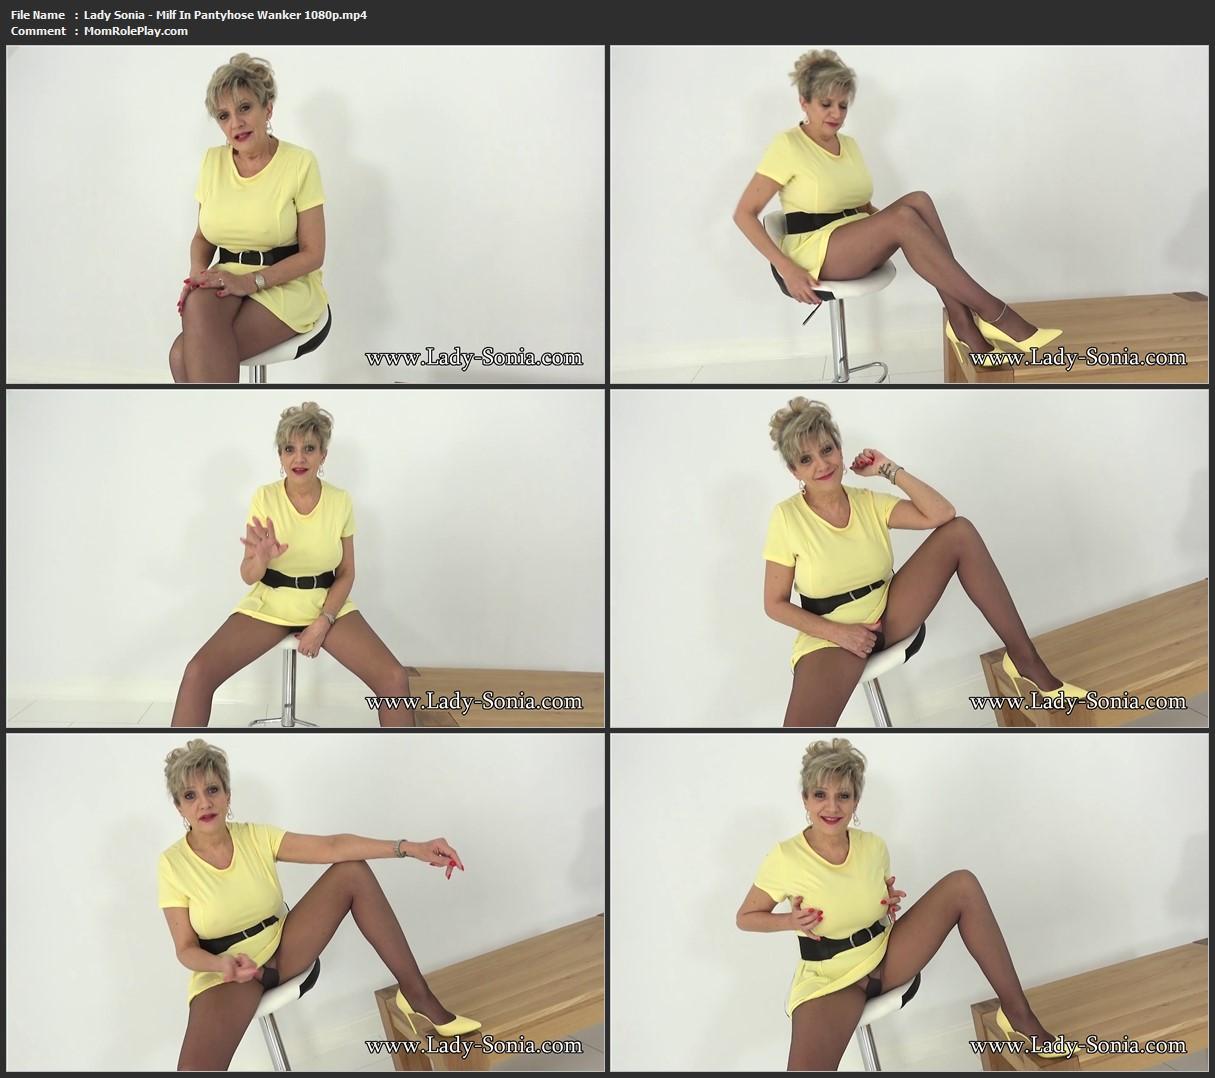 Lady Sonia - Milf In Pantyhose Wanker